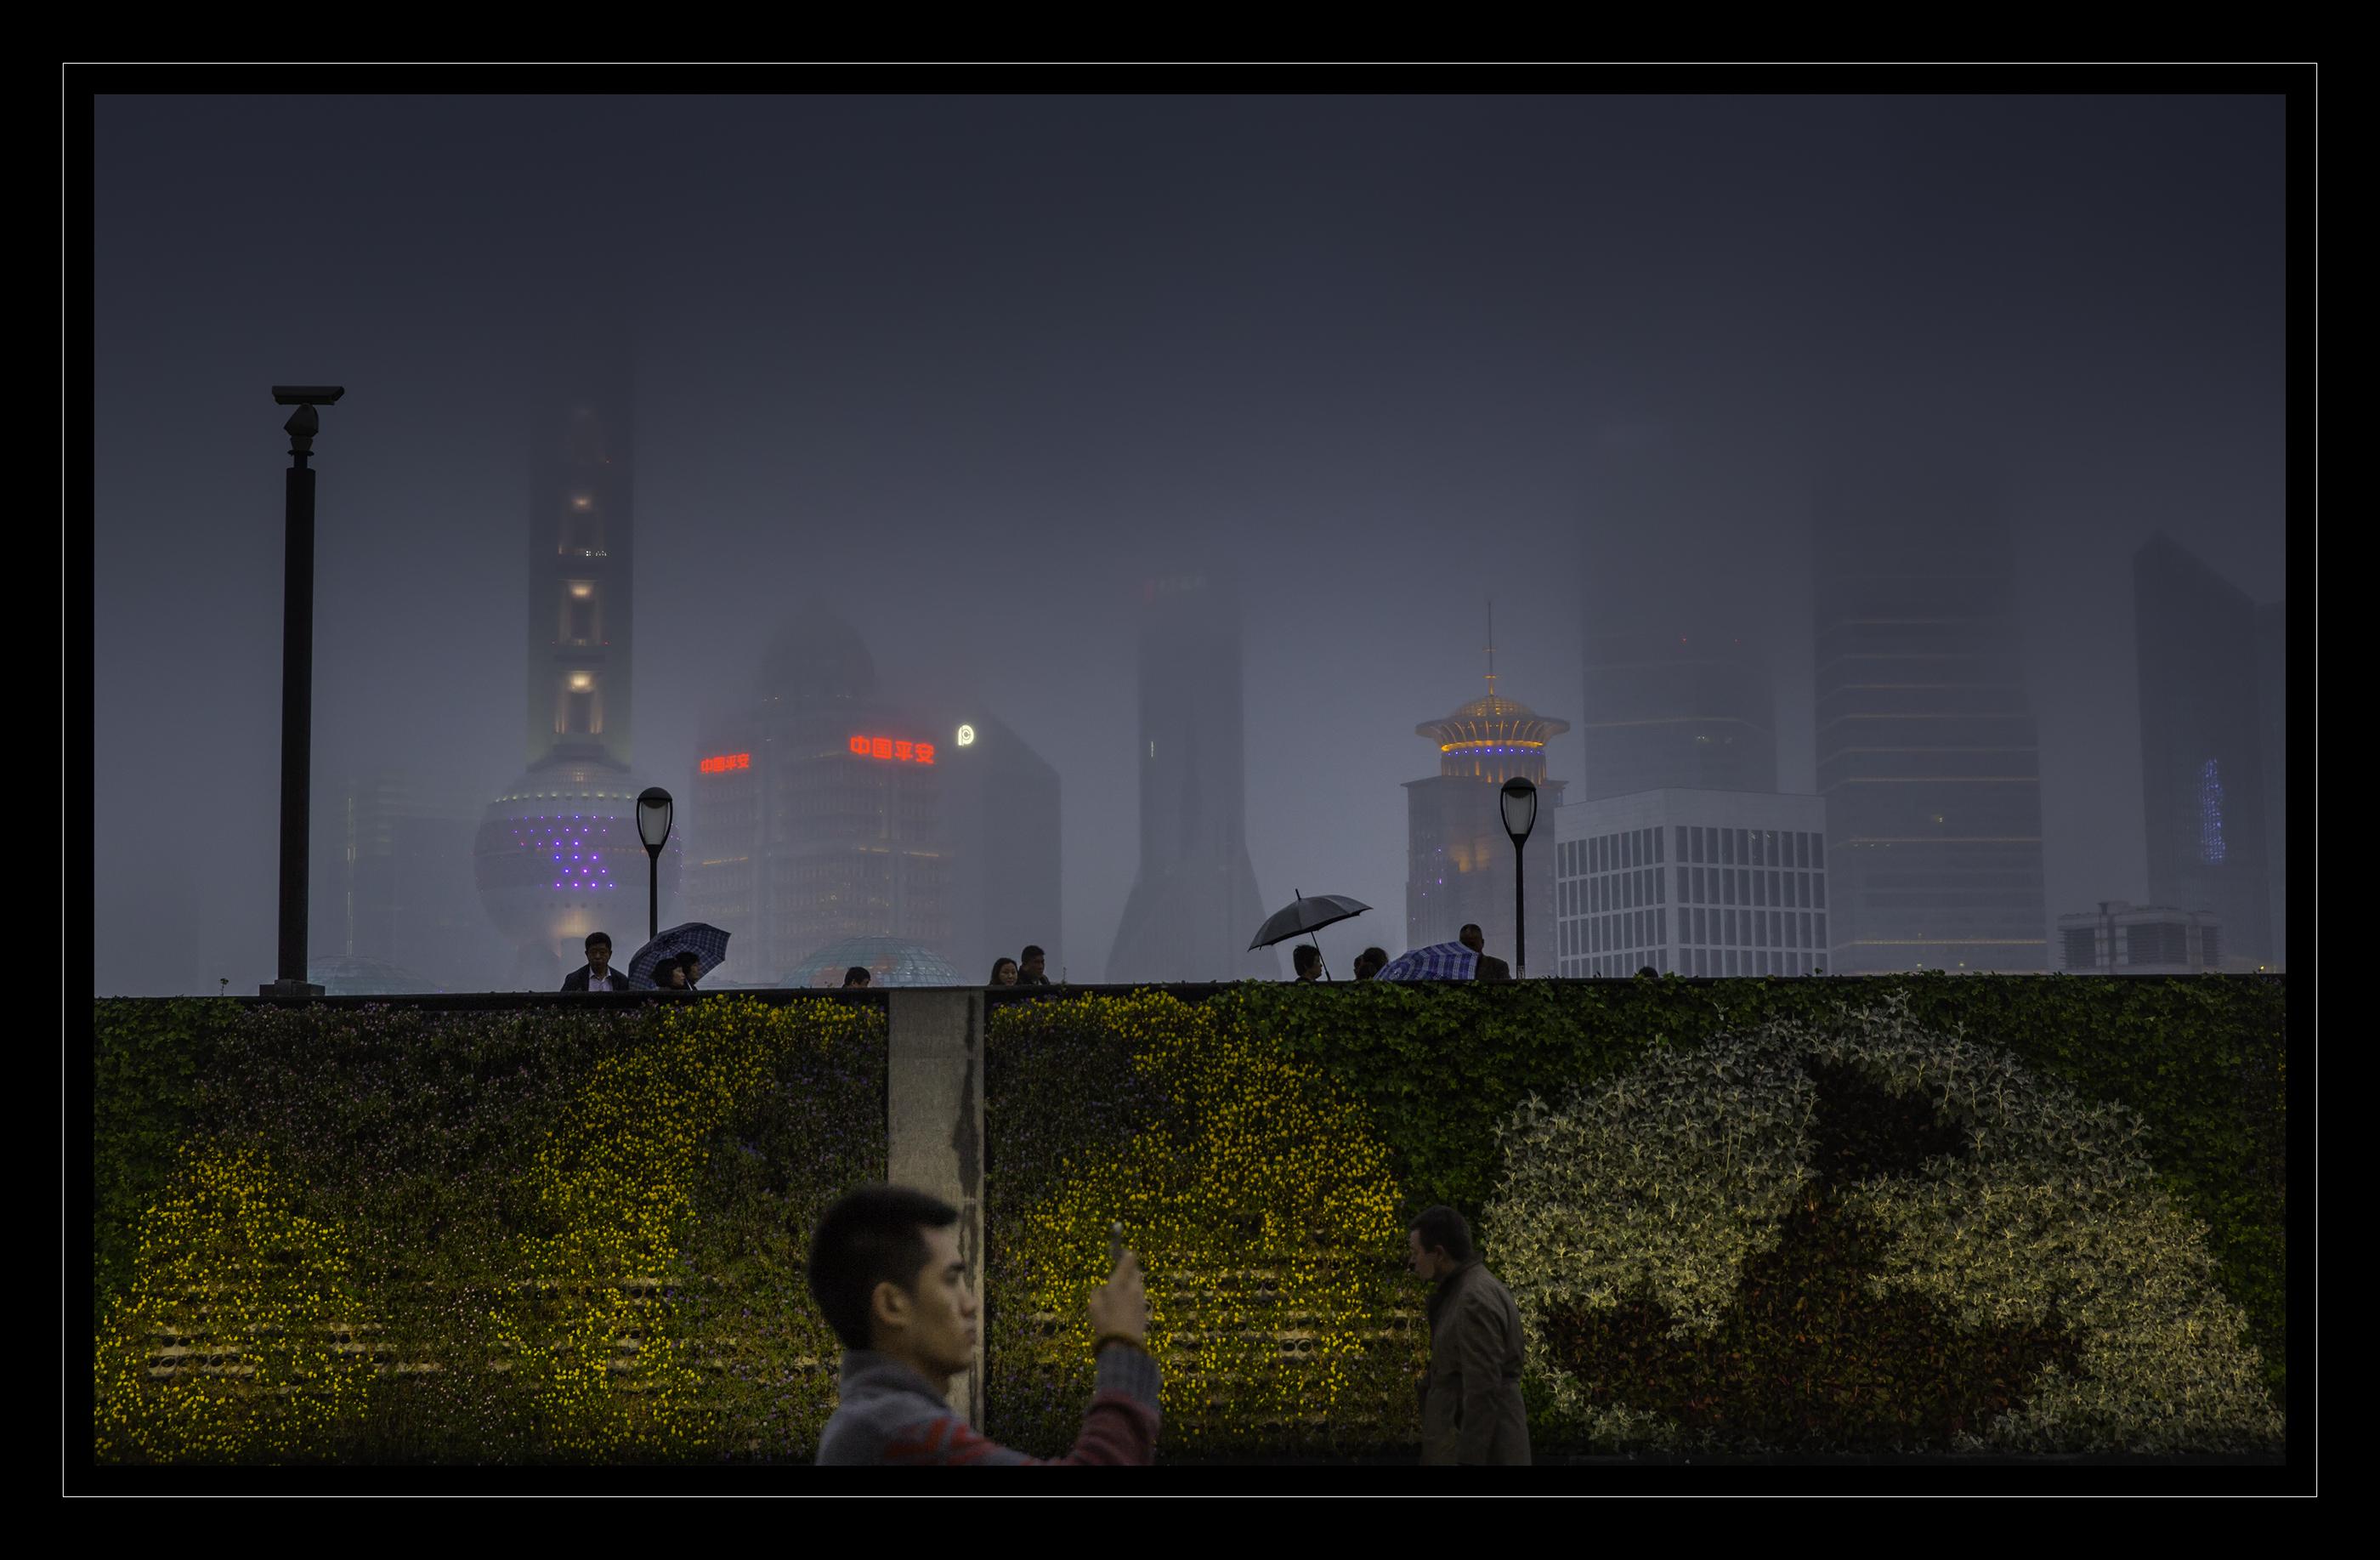 Shanghai rain 2